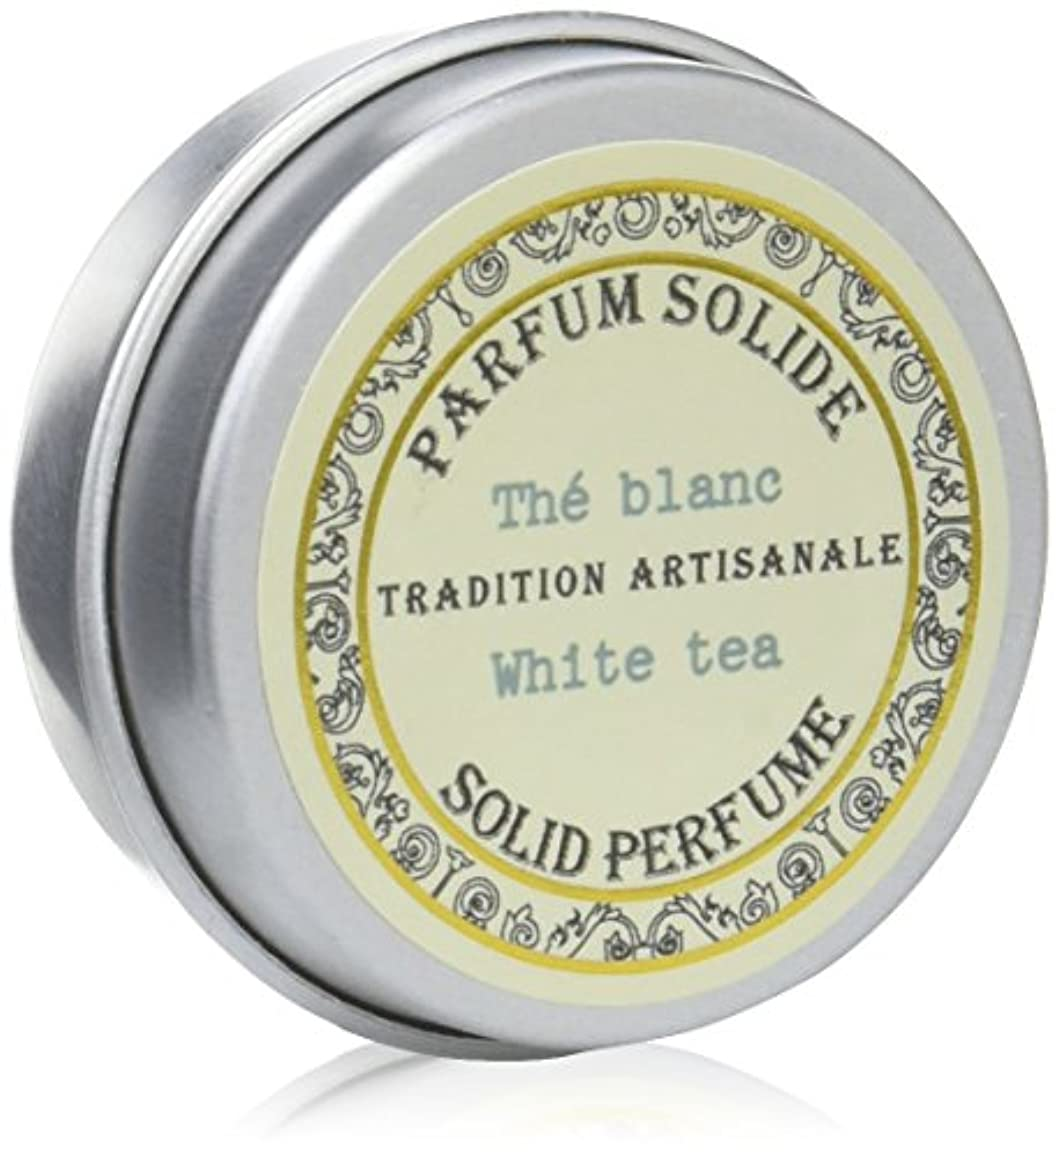 見る人りんご金銭的なSenteur et Beaute(サンタールエボーテ) フレンチクラシックシリーズ 練り香水 10g 「ホワイトティー」 4994228023063